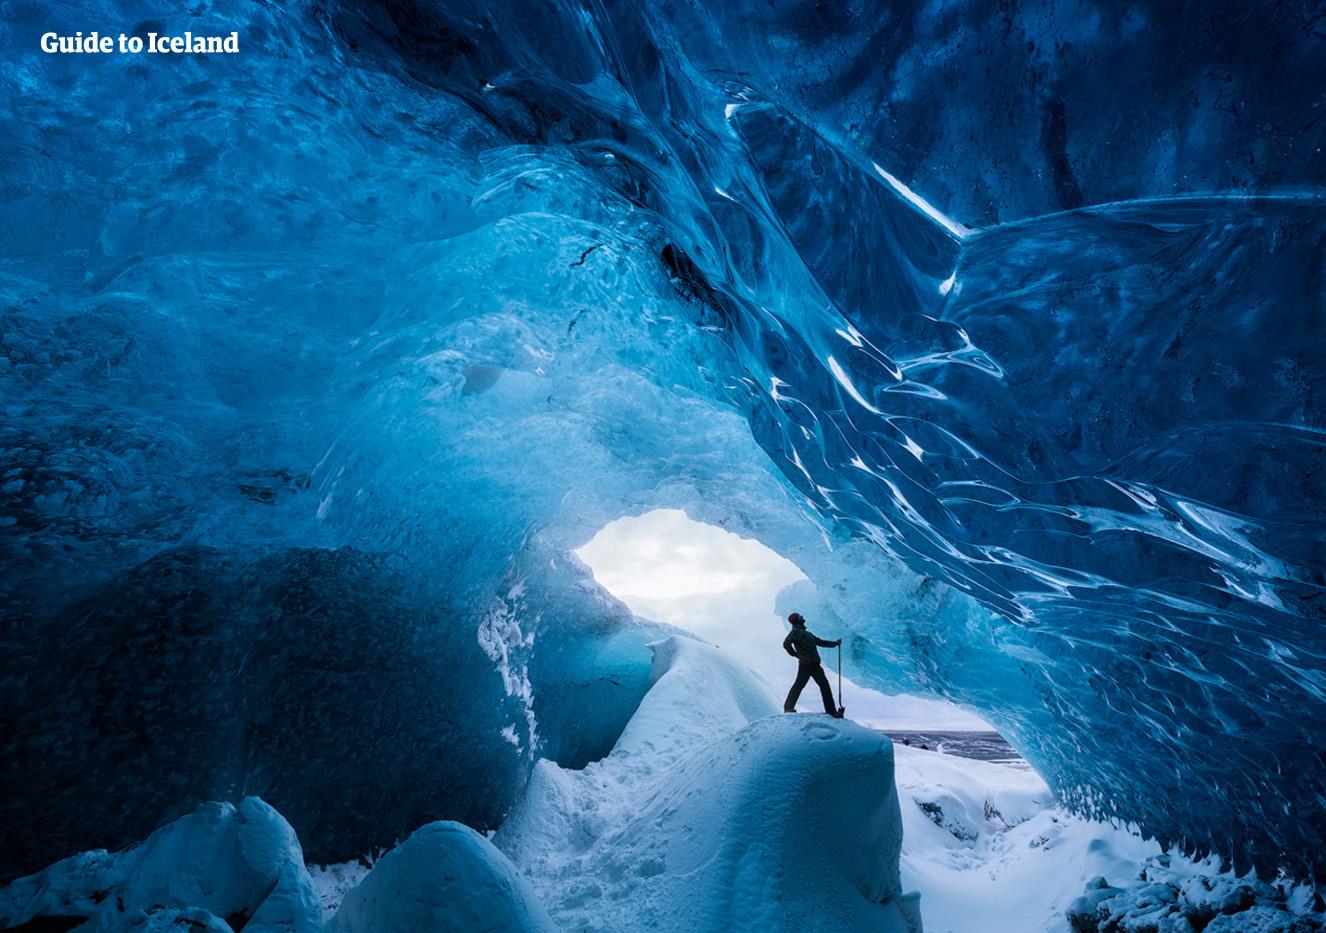 Ein Eishöhlen-Besuch ist eines der denkwürdigsten Erlebnisse, die Island zu bieten hat.